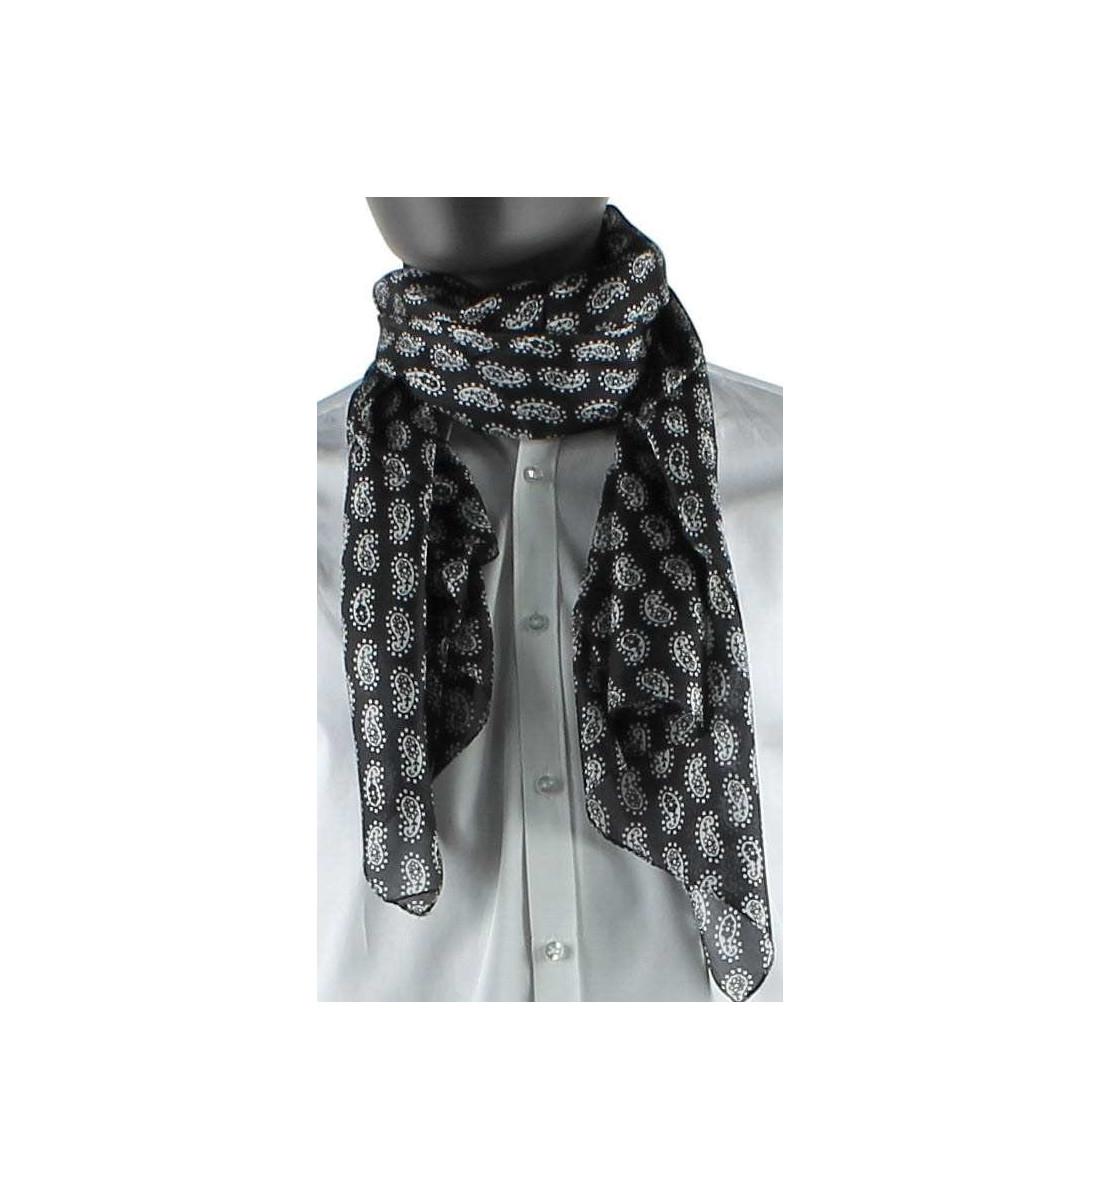 0d88c752fa0e Echarpe à motifs cachemire en soie - atelierprivé